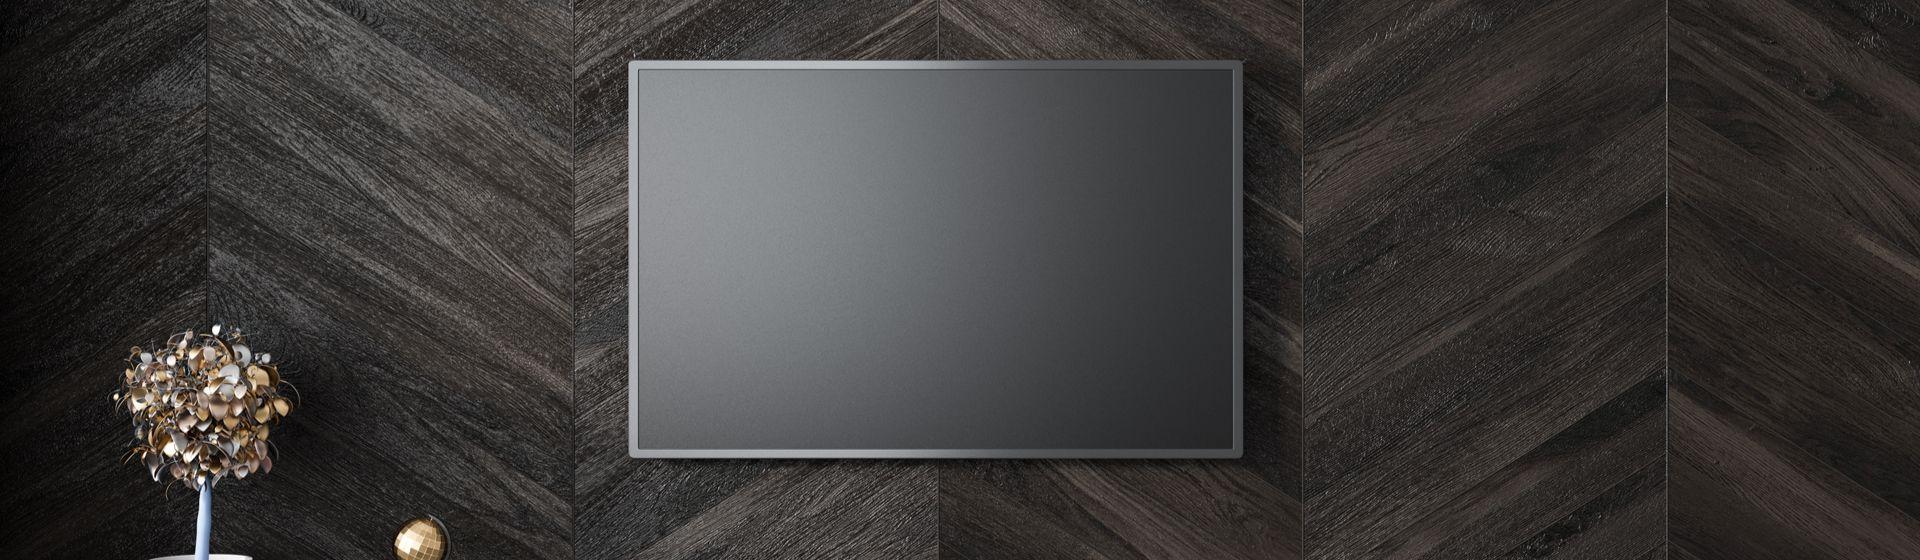 Melhor smart TV 43 polegadas em 2020: LG lidera nossa lista!